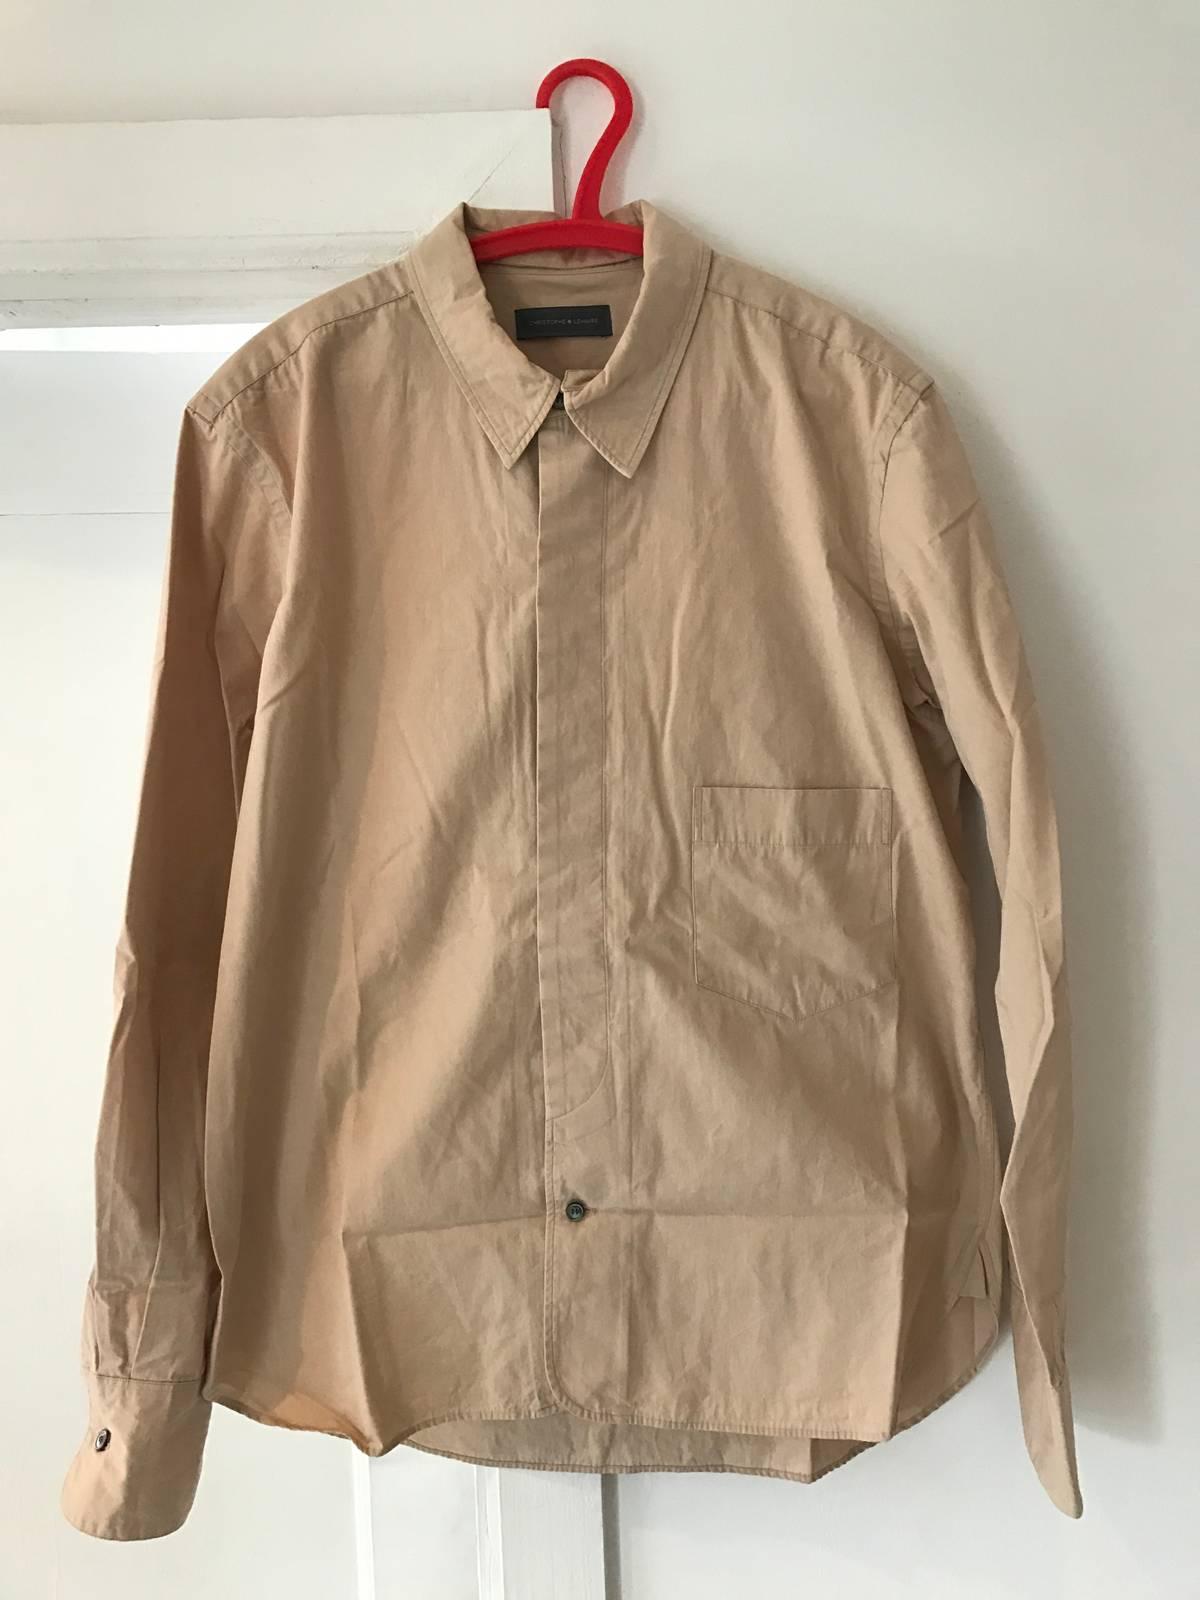 Christophe Lemaire Beige Detachable Collar Dress Shirt Size M